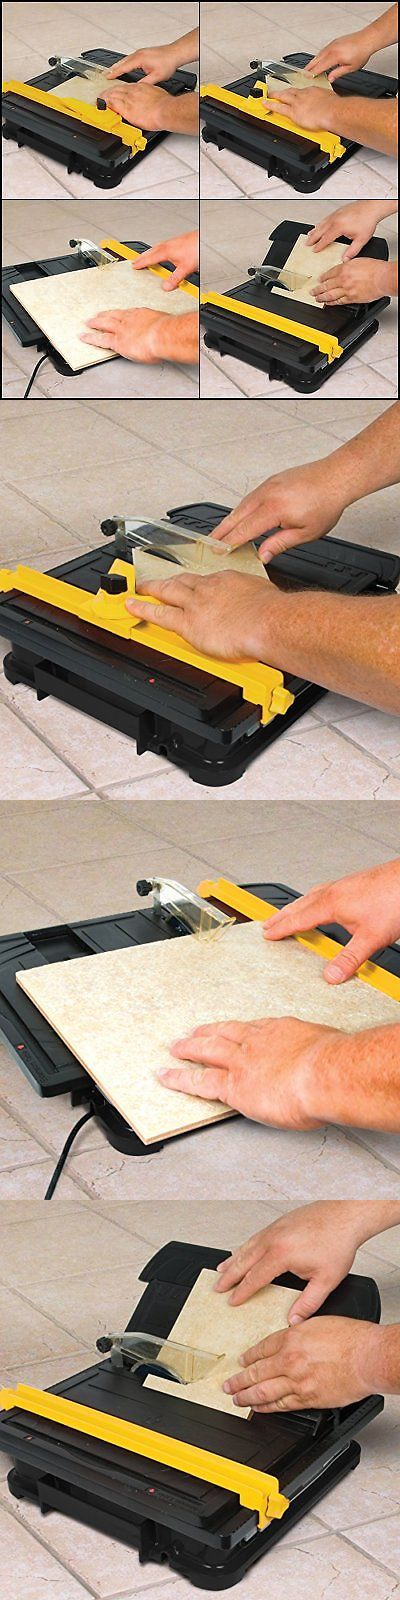 Pin On Tile Saws 122836